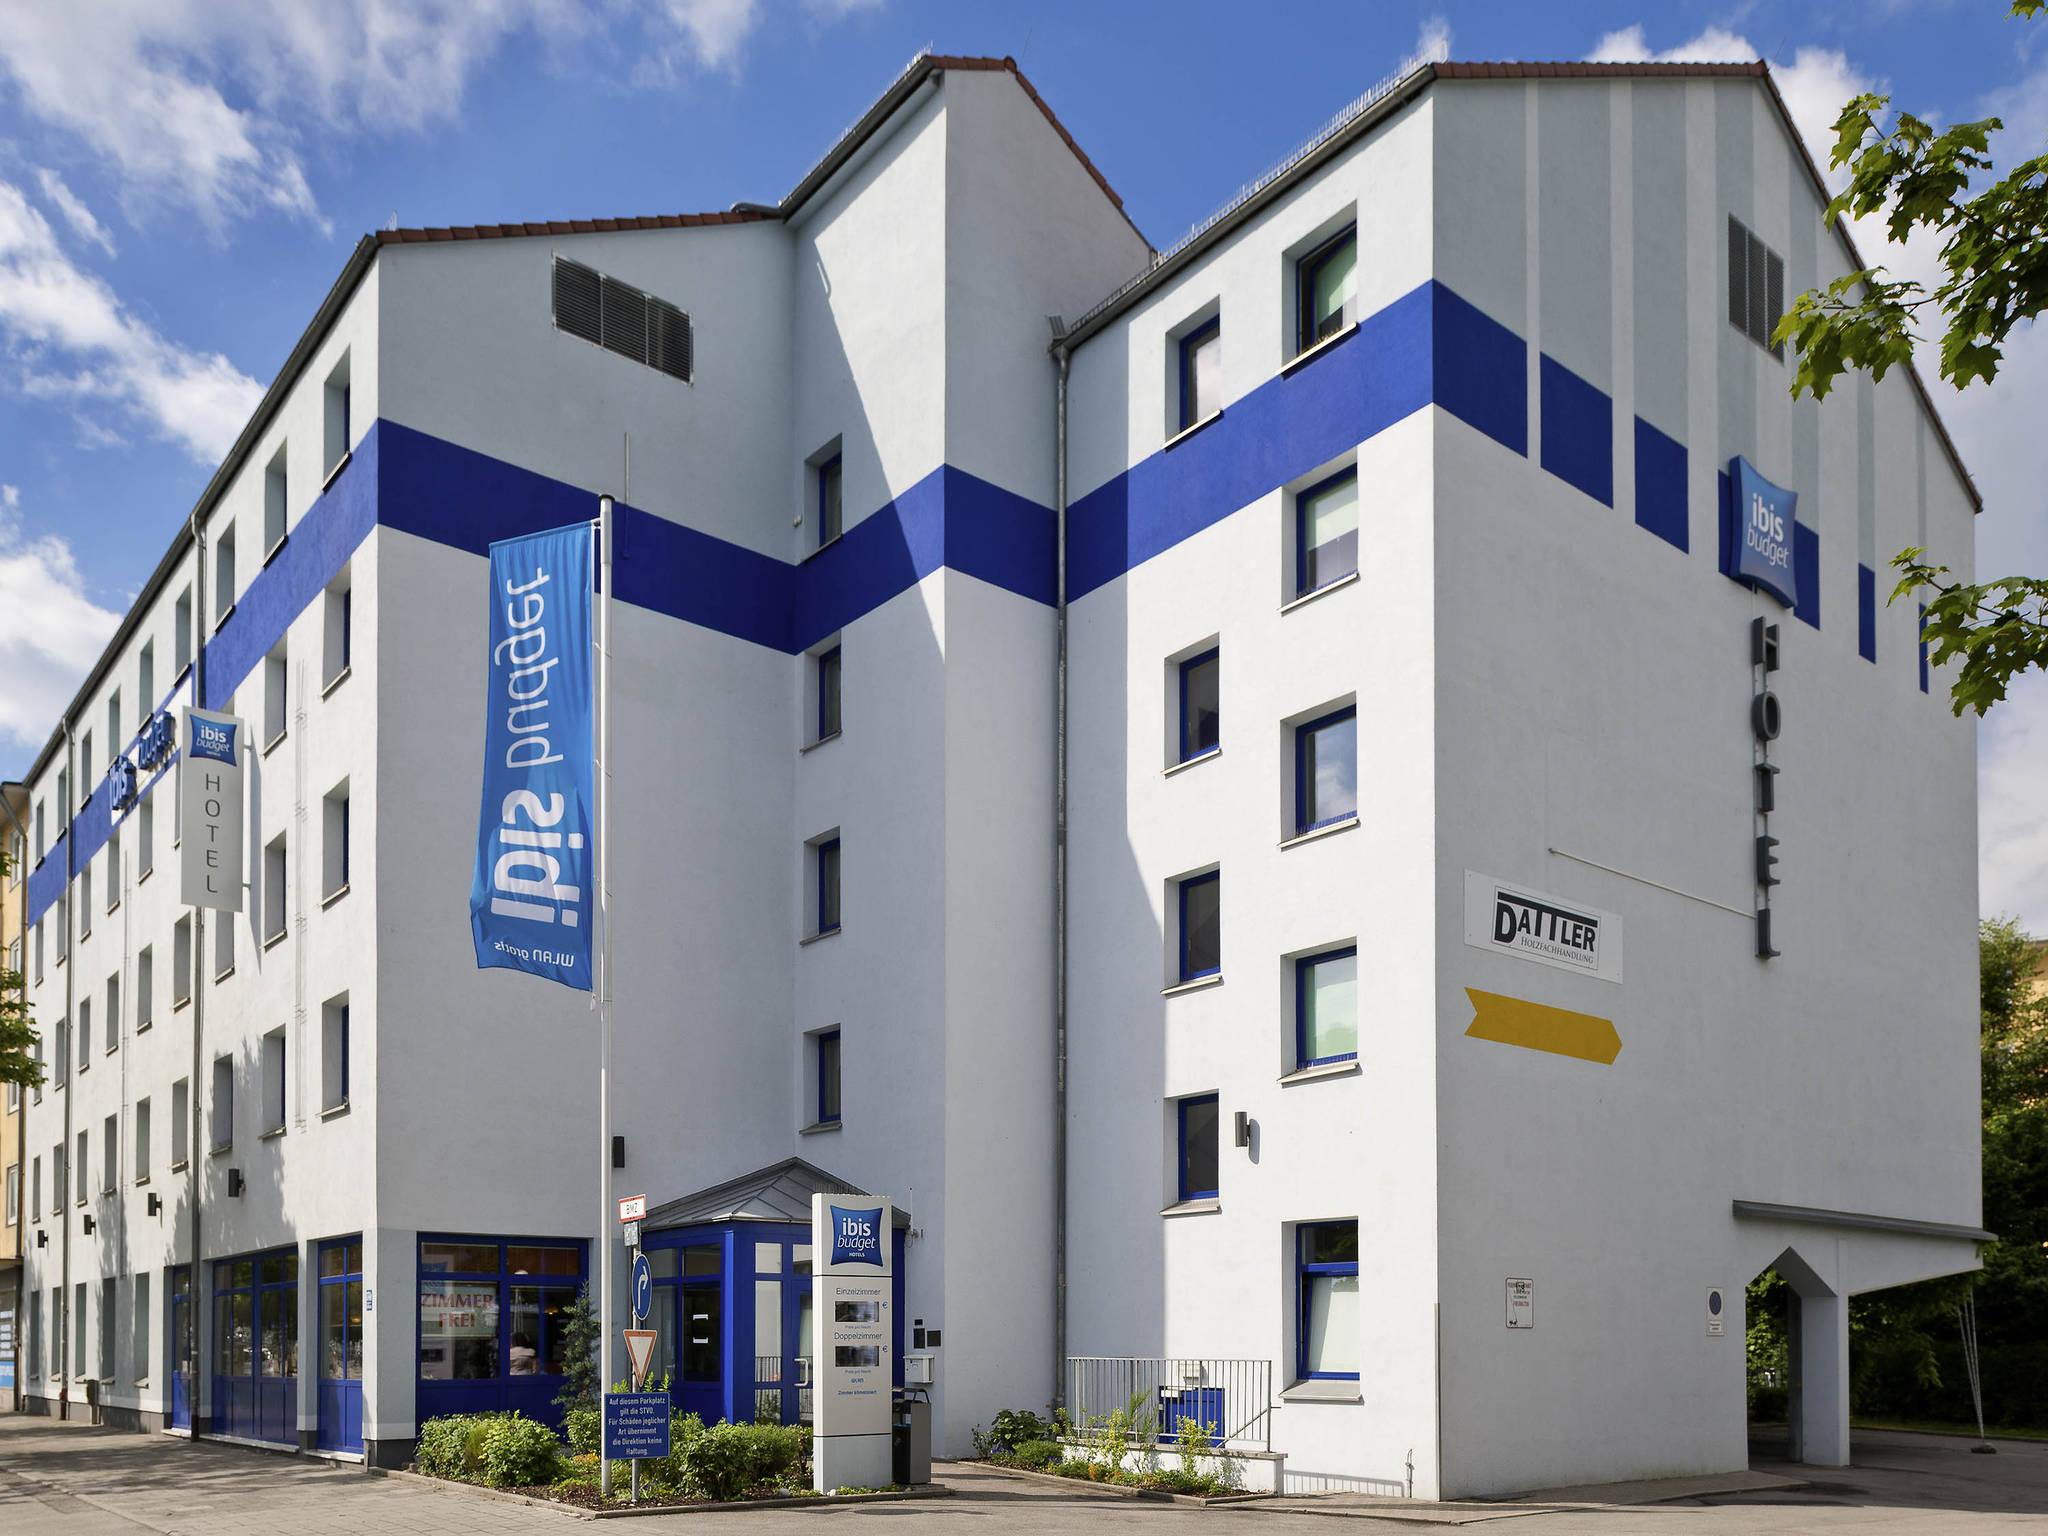 فندق - إيبيس بدجت ibis budget مونشن سيتي سود